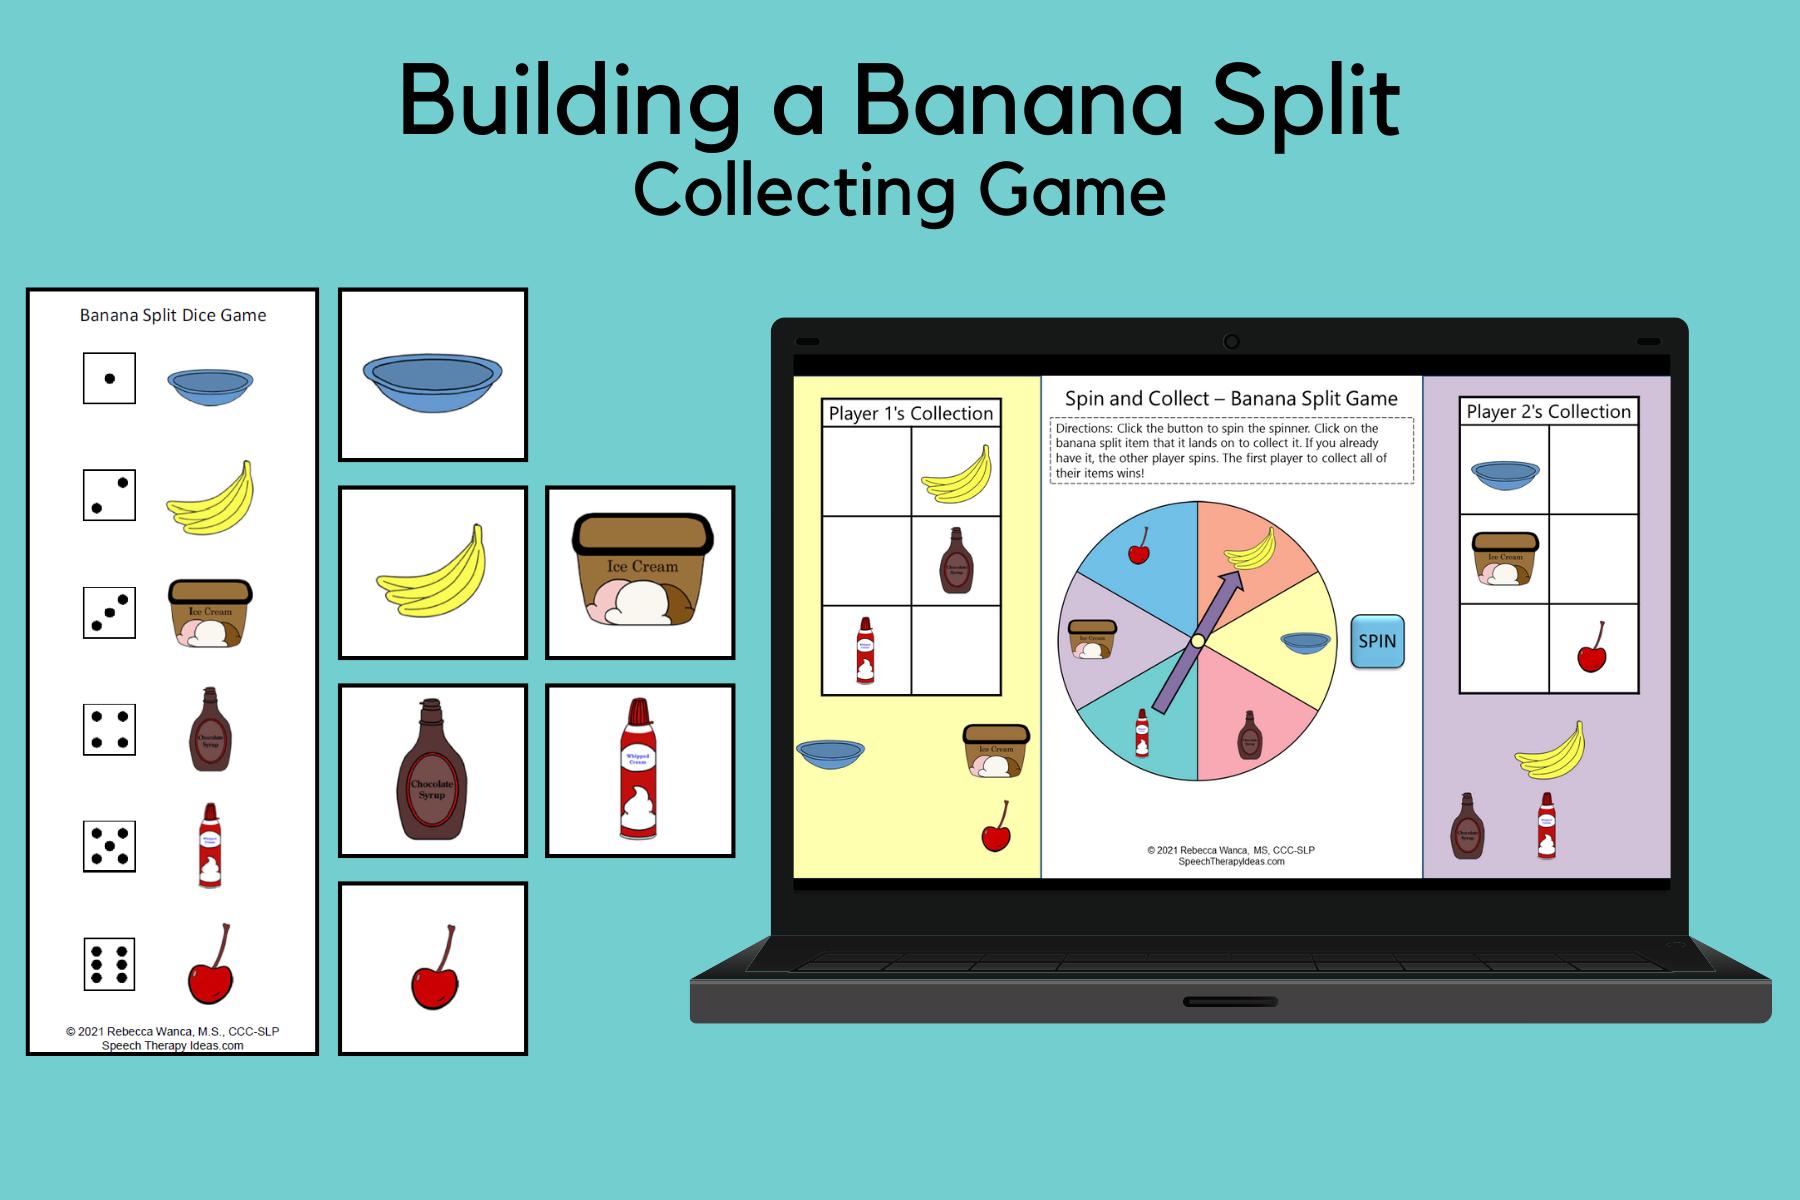 Building a Banana Split